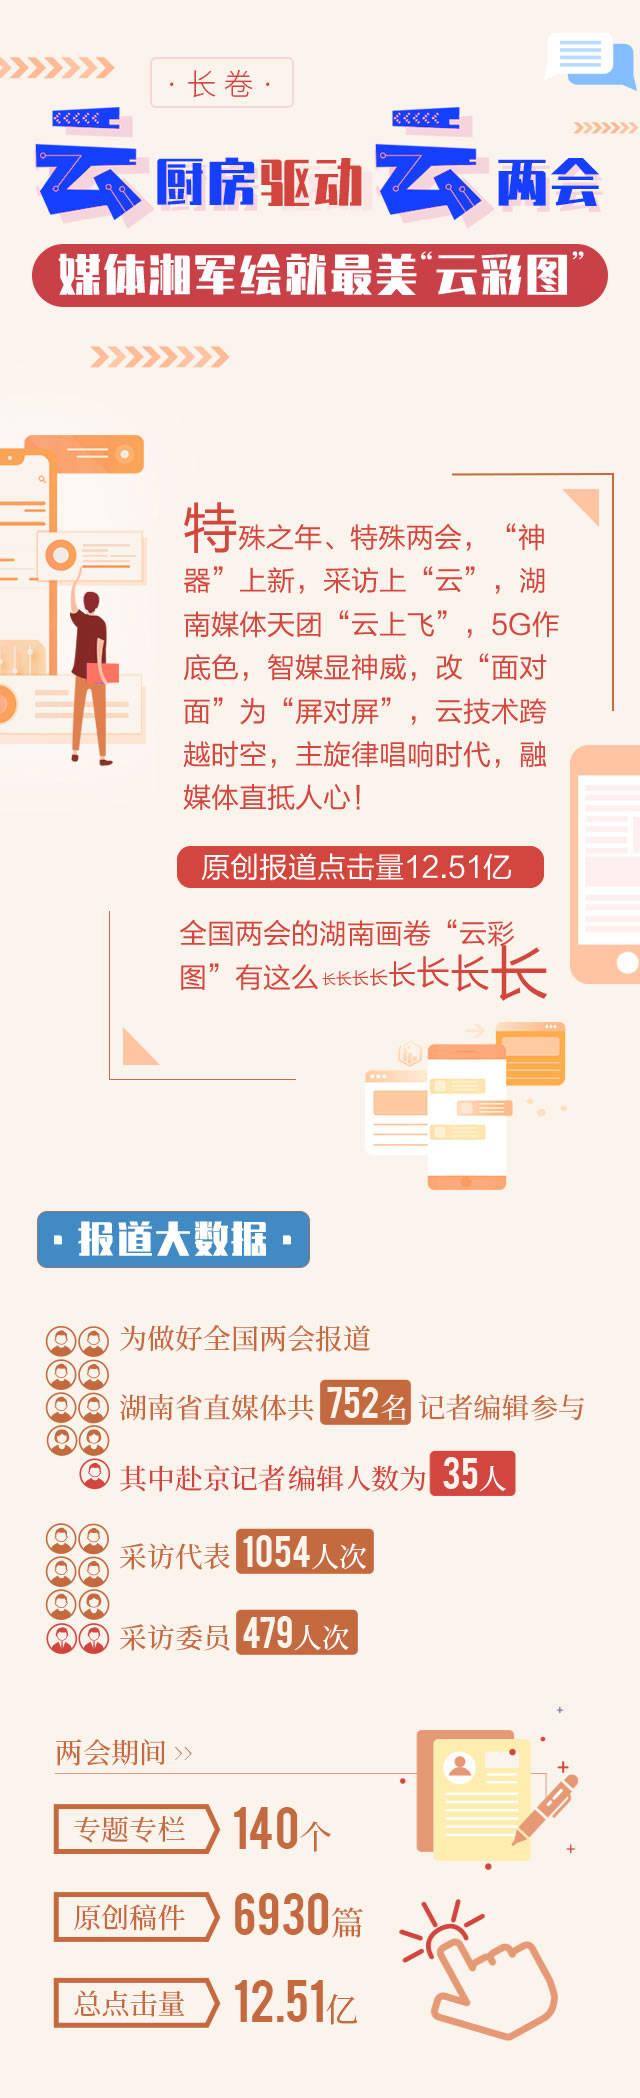 """长卷丨""""云厨房""""驱动""""云两会"""" 媒体湘军绘就最美""""云彩图"""""""